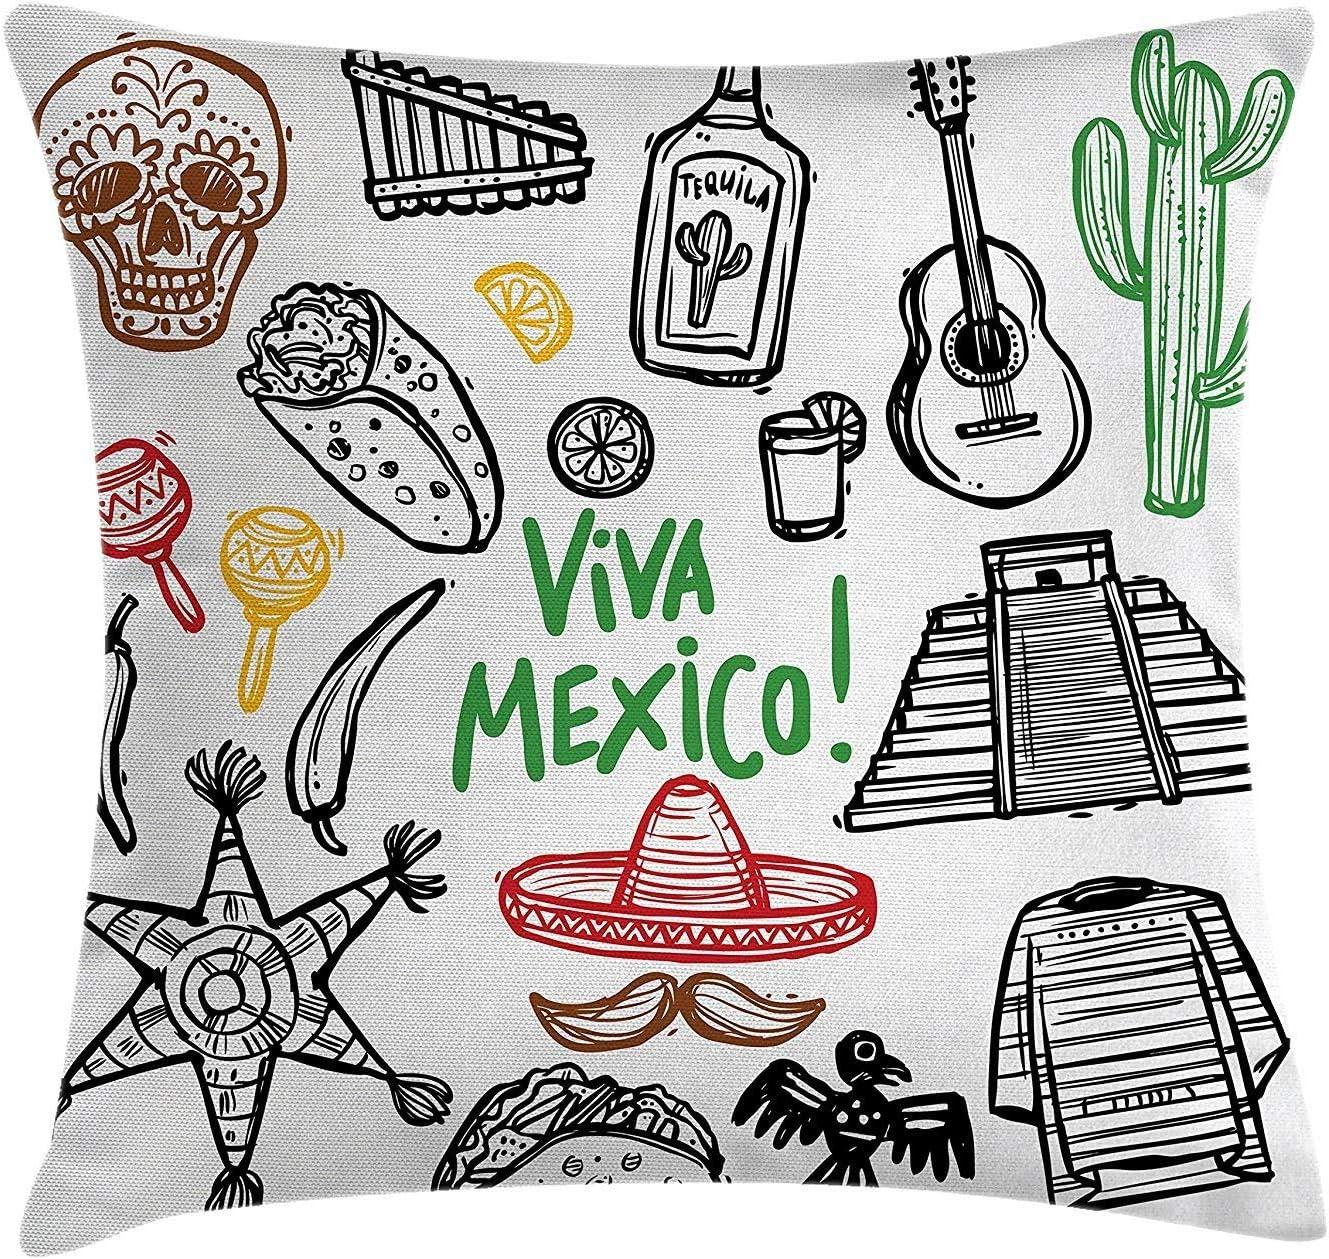 Viva México Guitarra Cactus Barba Maracas Panqueque Sombrero de ...